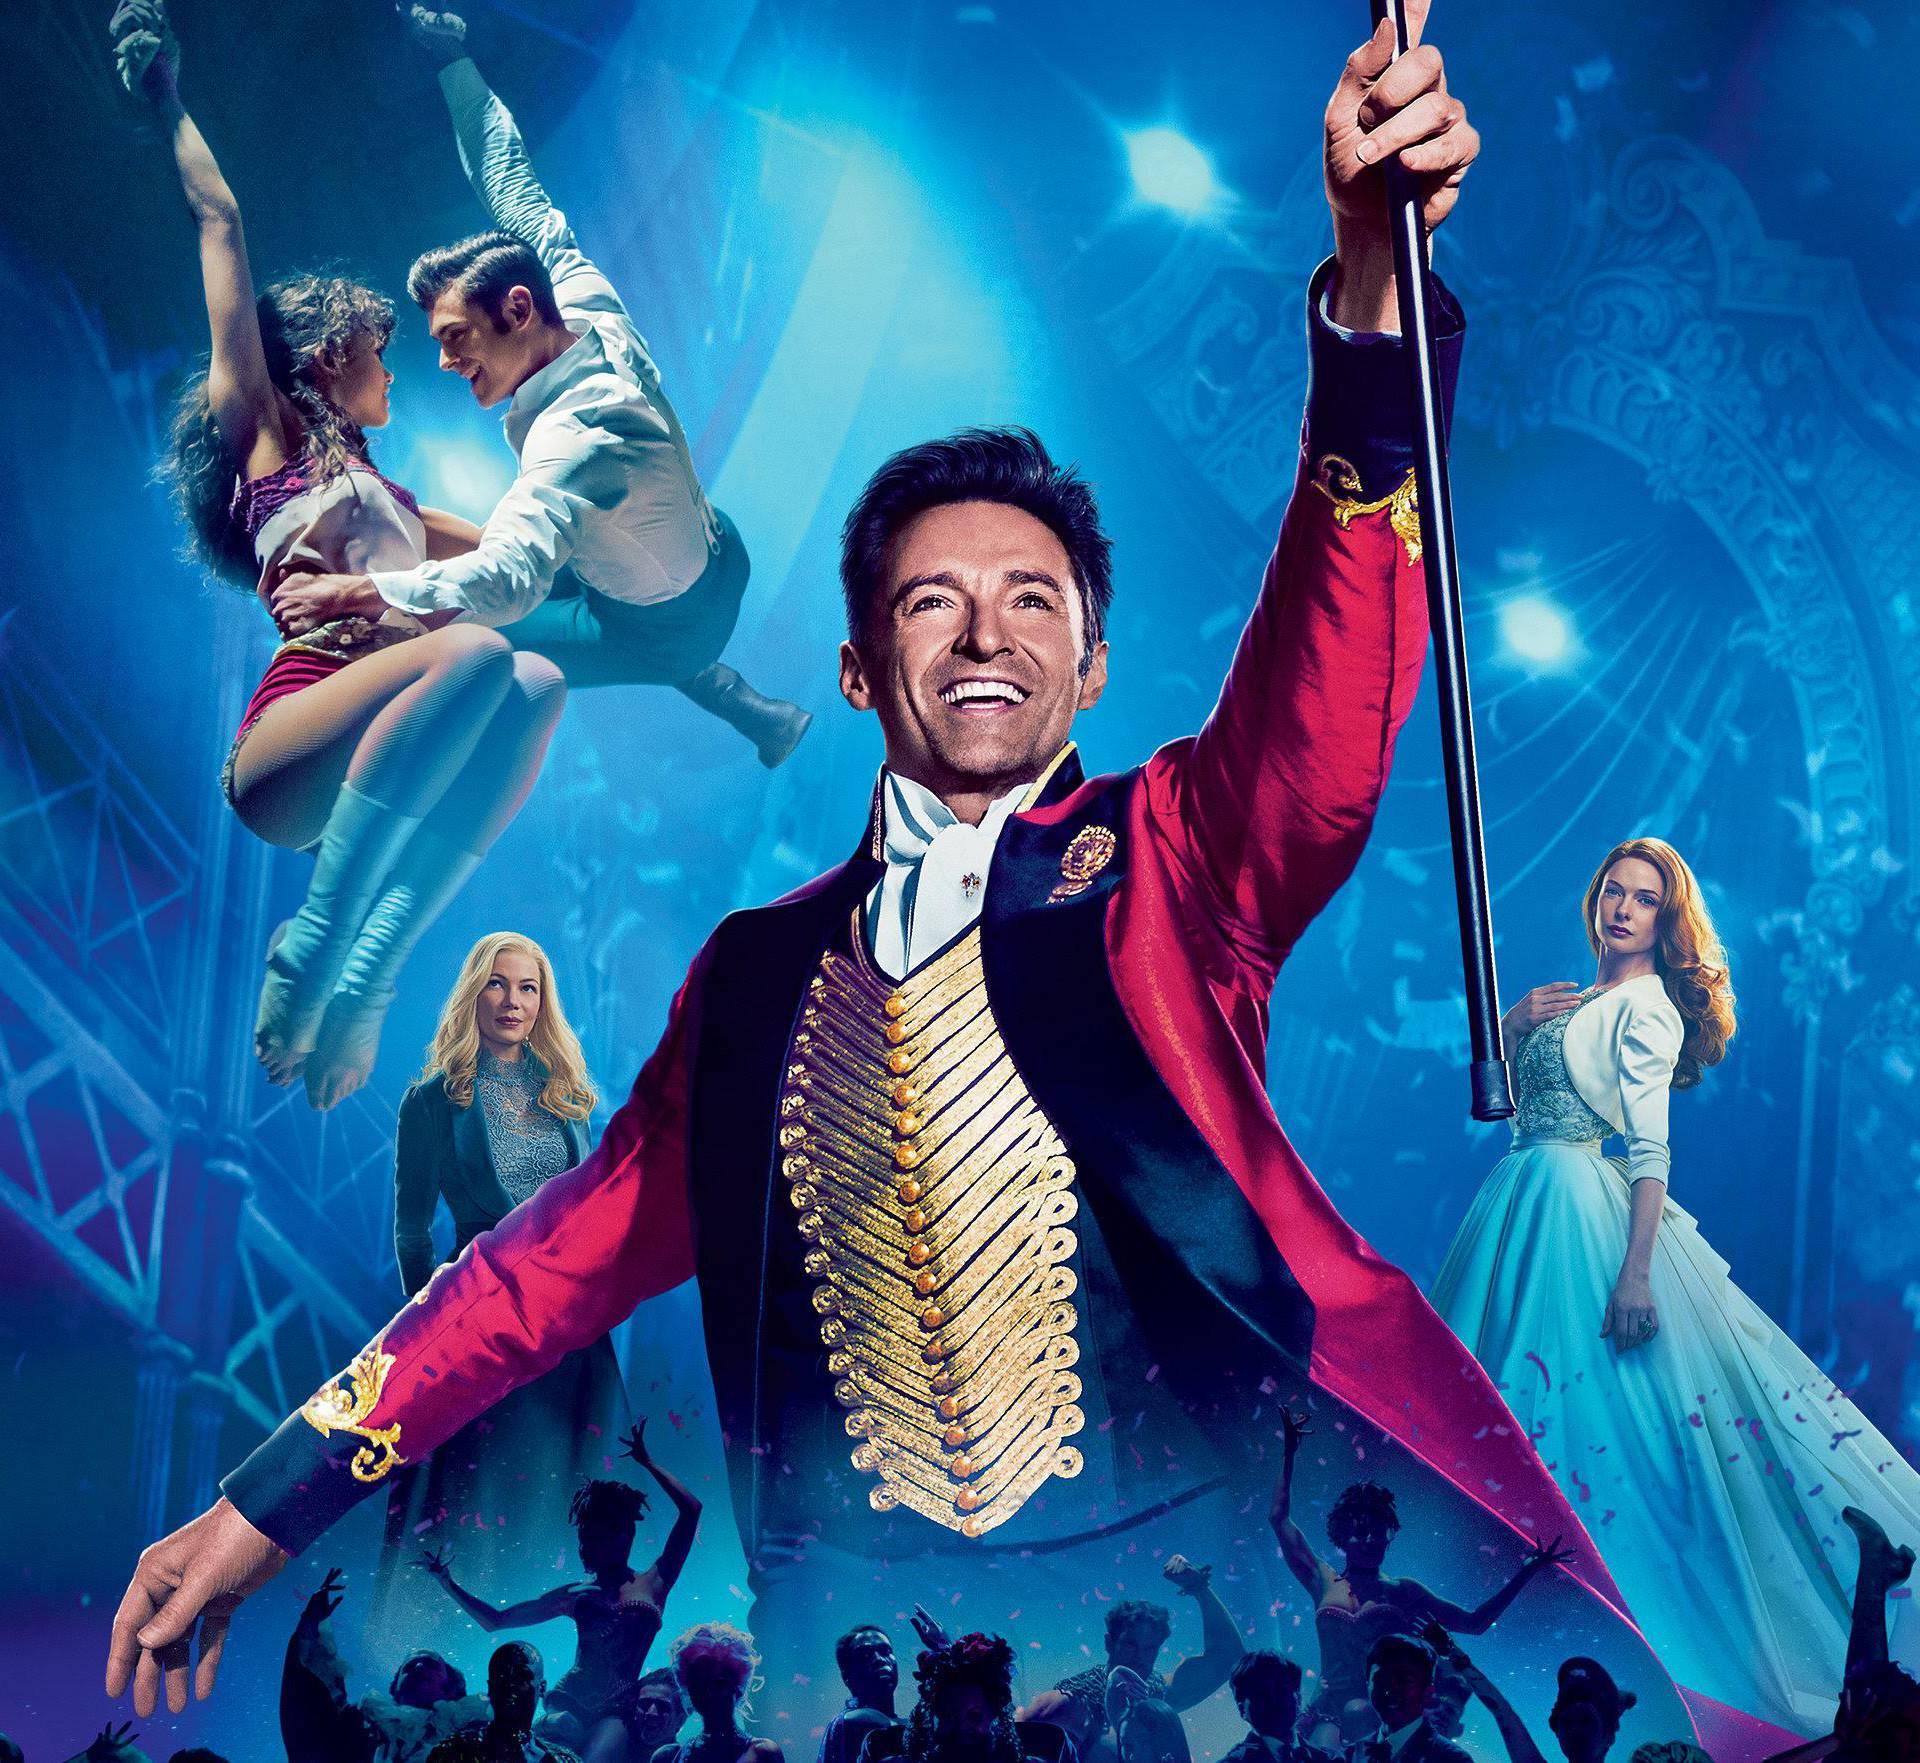 'Najveći showman': Zašto je to spektakl koji se mora gledati?